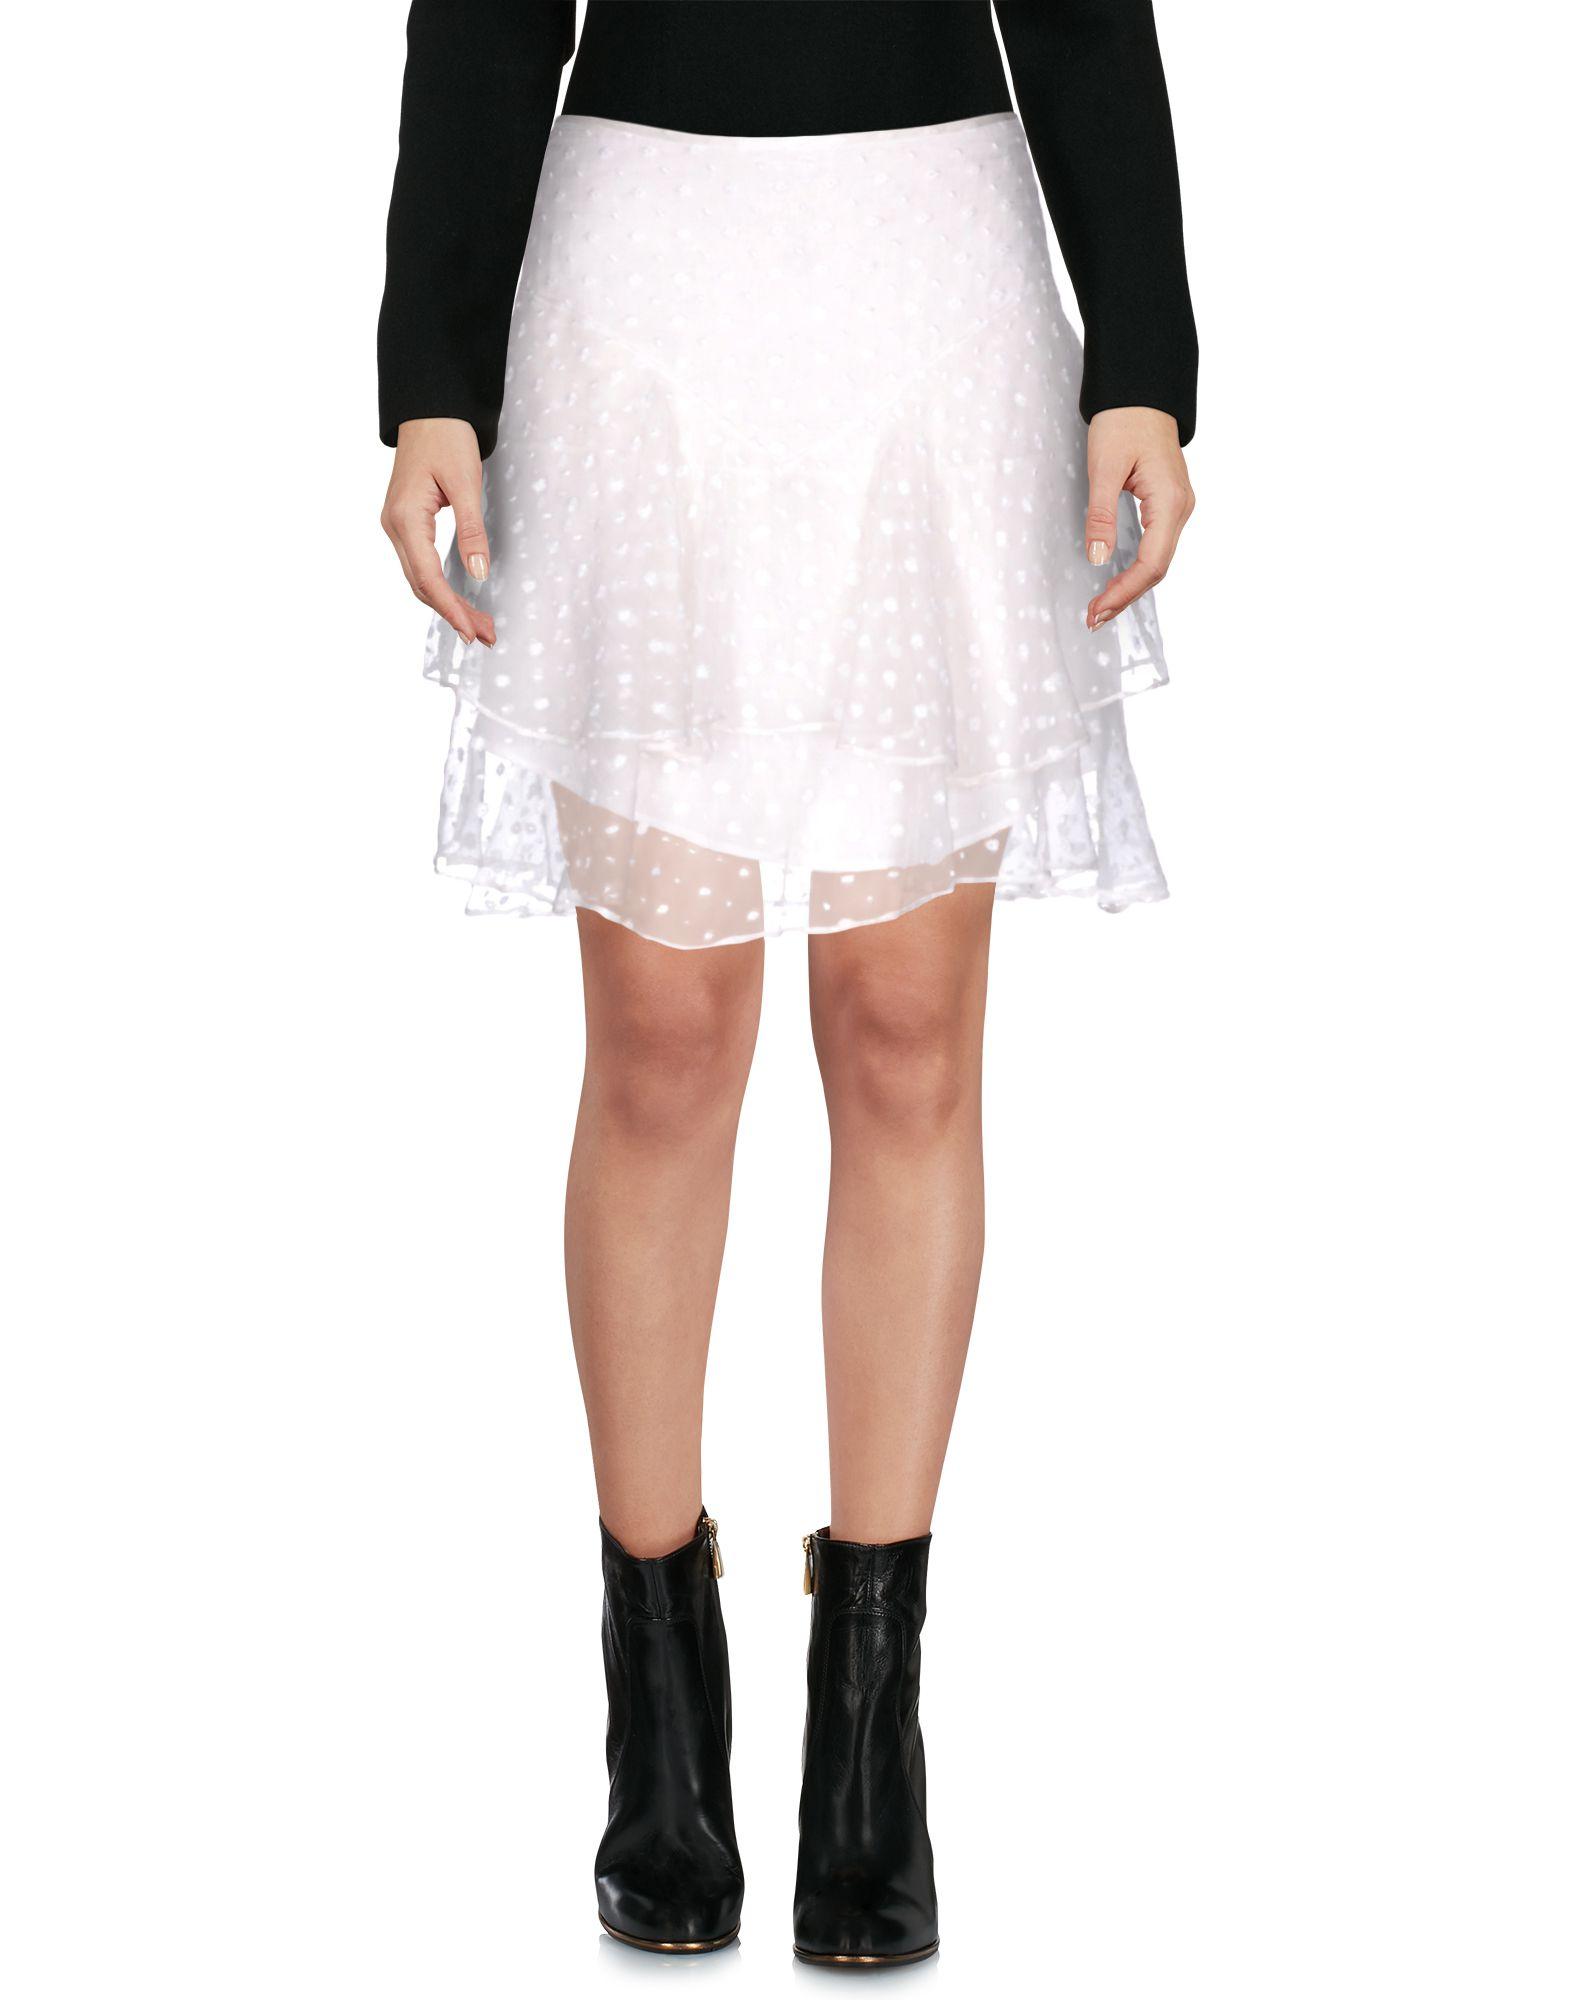 Minigonna Isabel Marant Donna - Acquista online su SlzkY6sTk9